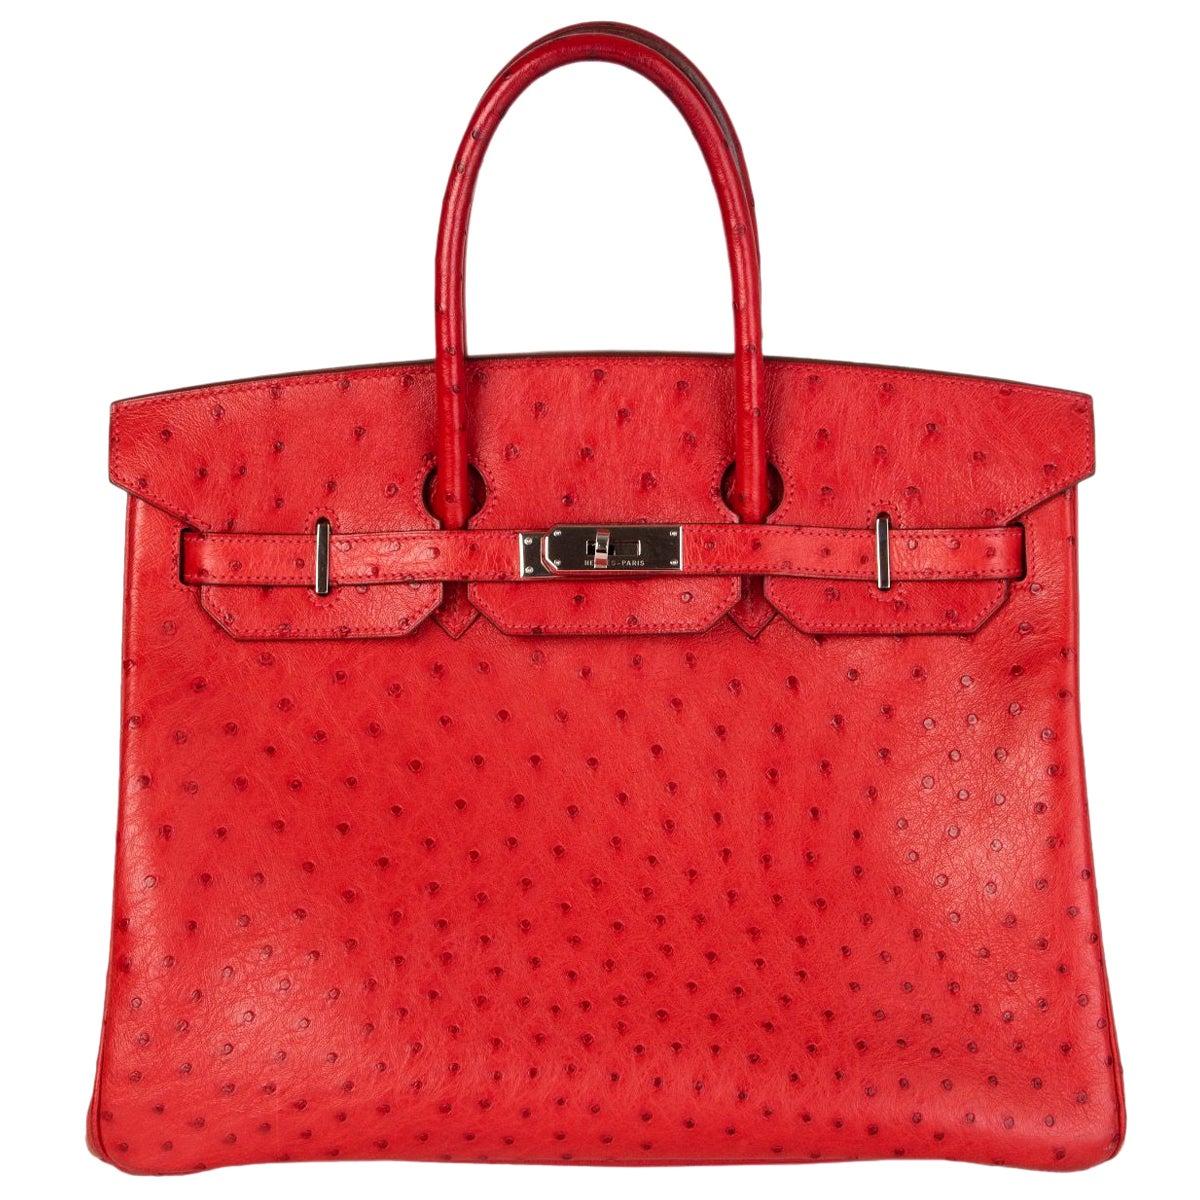 HERMES Rouge Vif red OSTRICH leather & Palladium BIRKIN 35 Bag